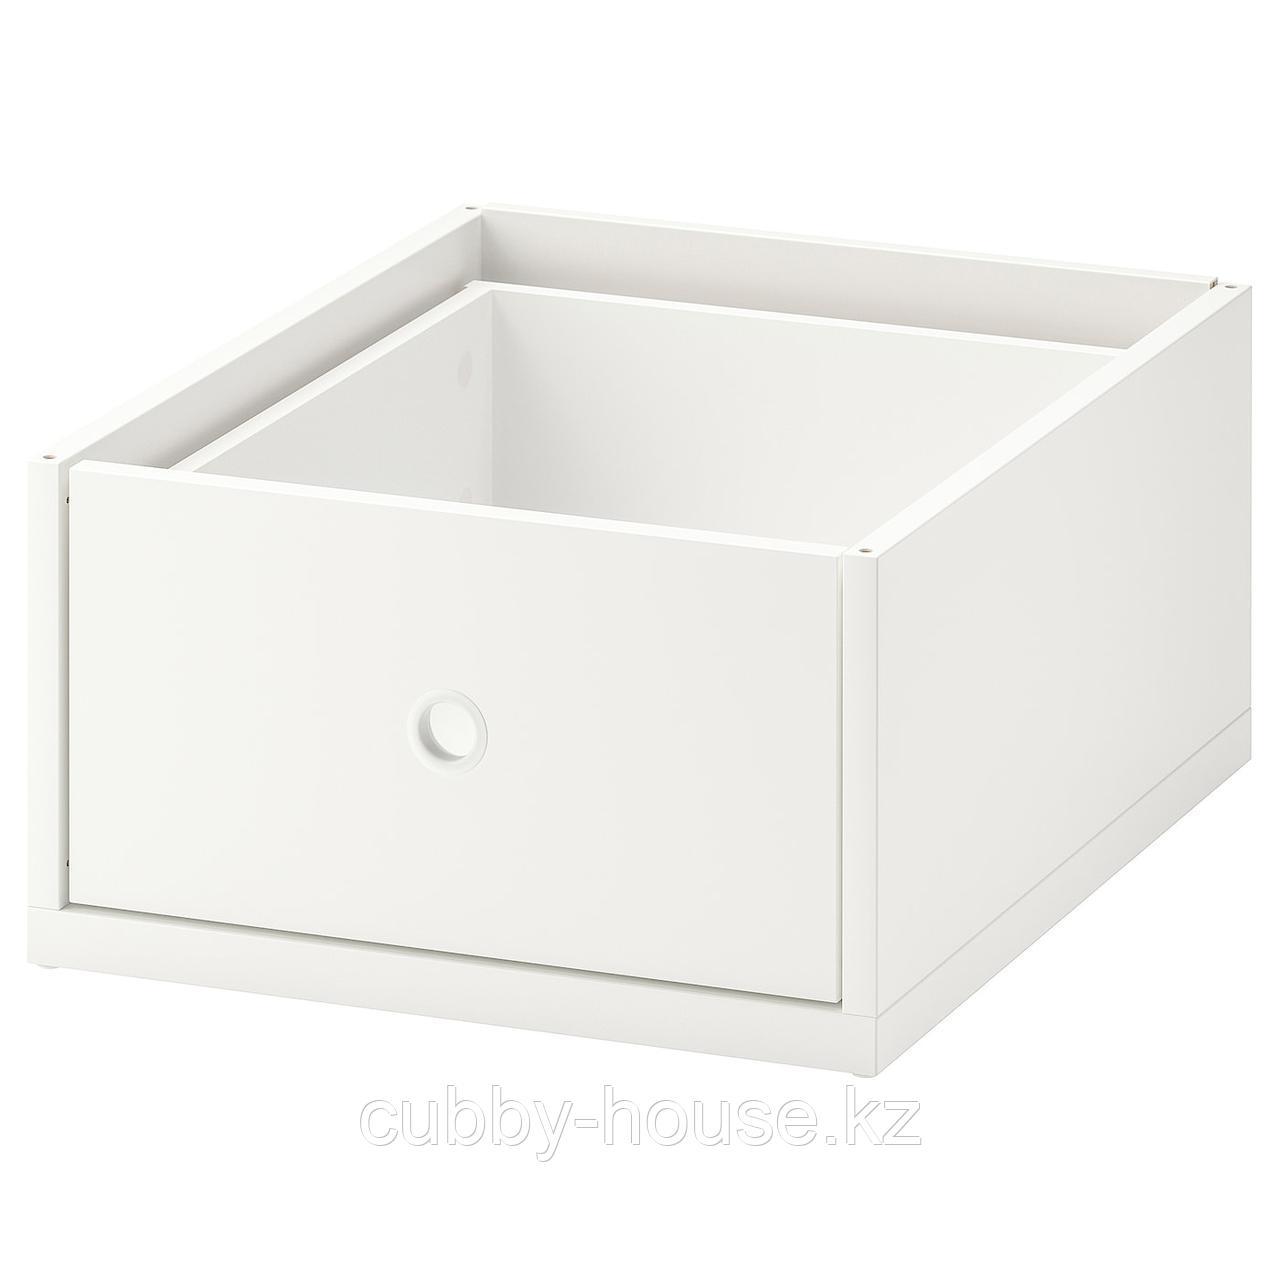 ЭЛВАРЛИ Ящик, белый, 40x51 см